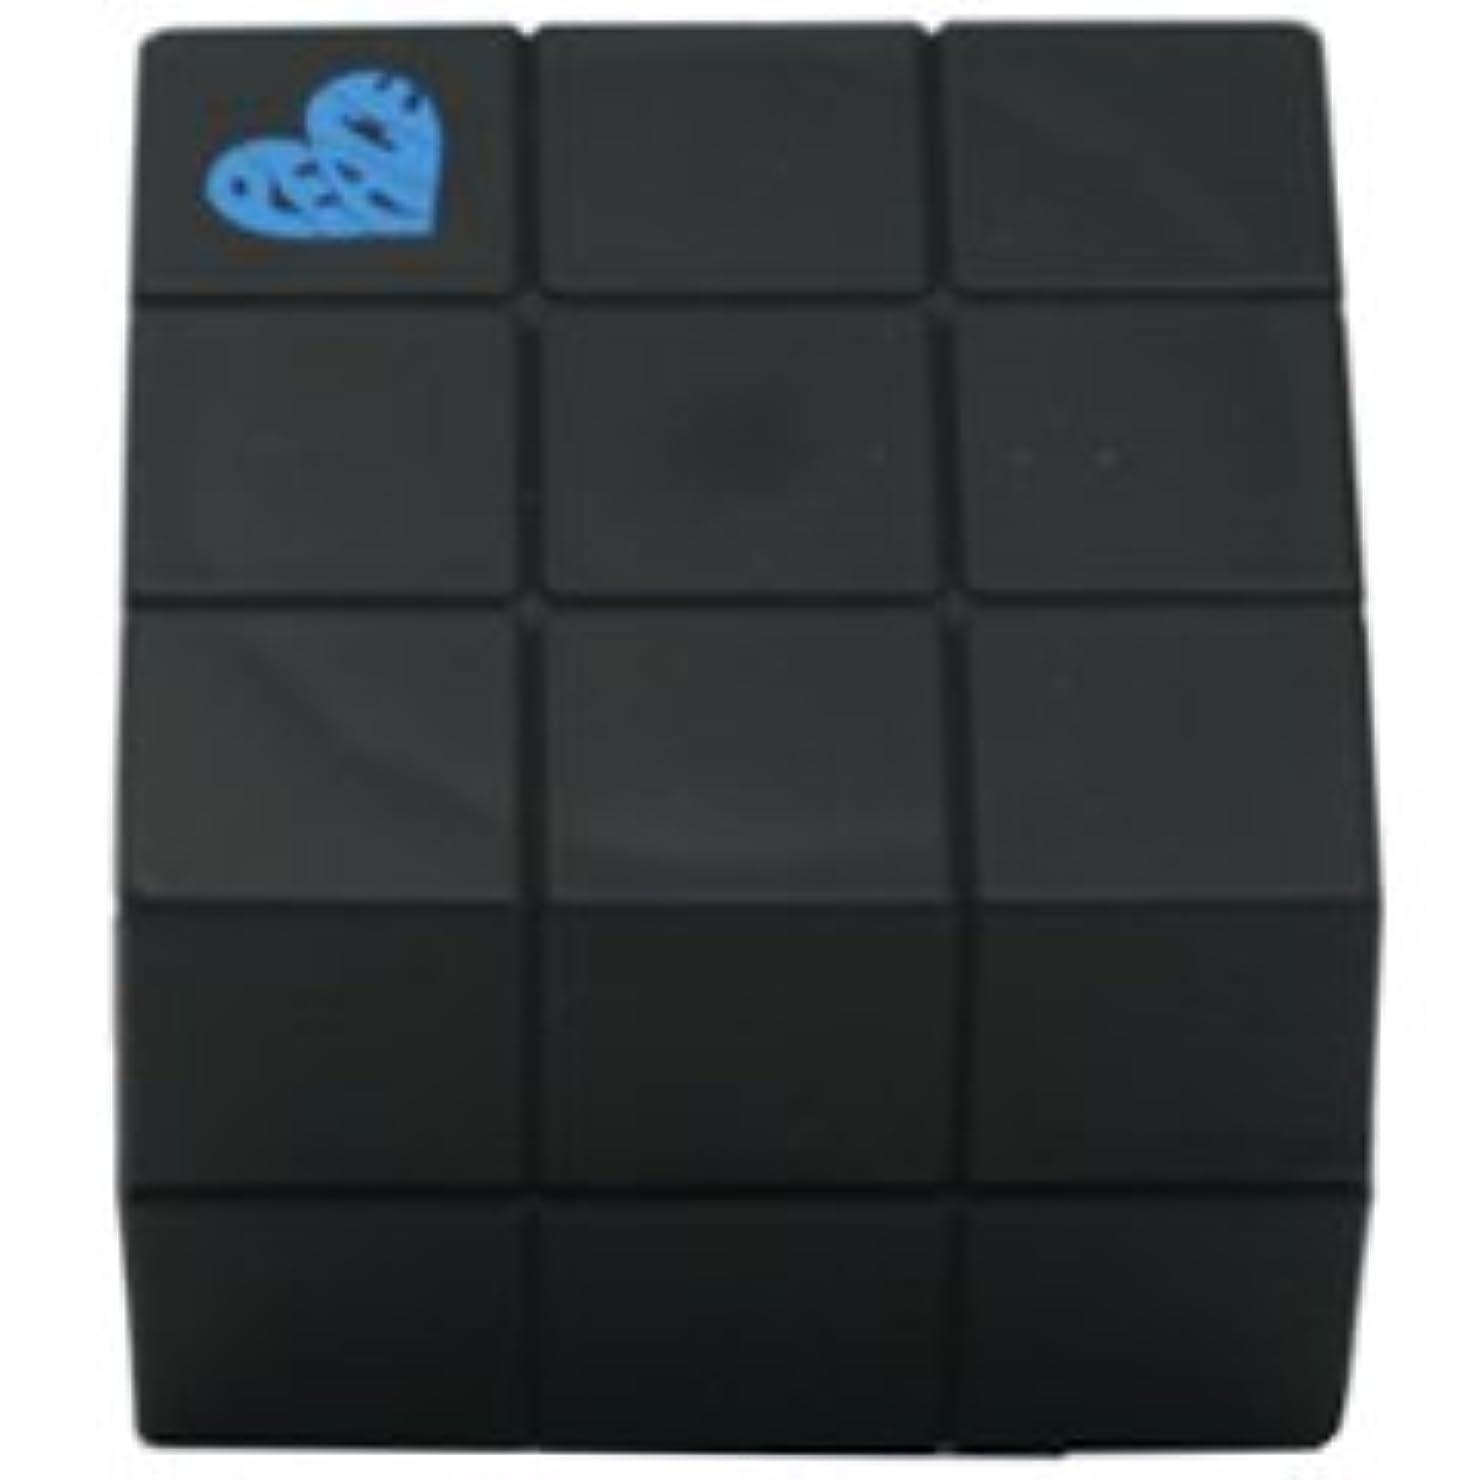 振動する実行可能合図アリミノ ピース プロデザインシリーズ フリーズキープワックス ブラック 40g